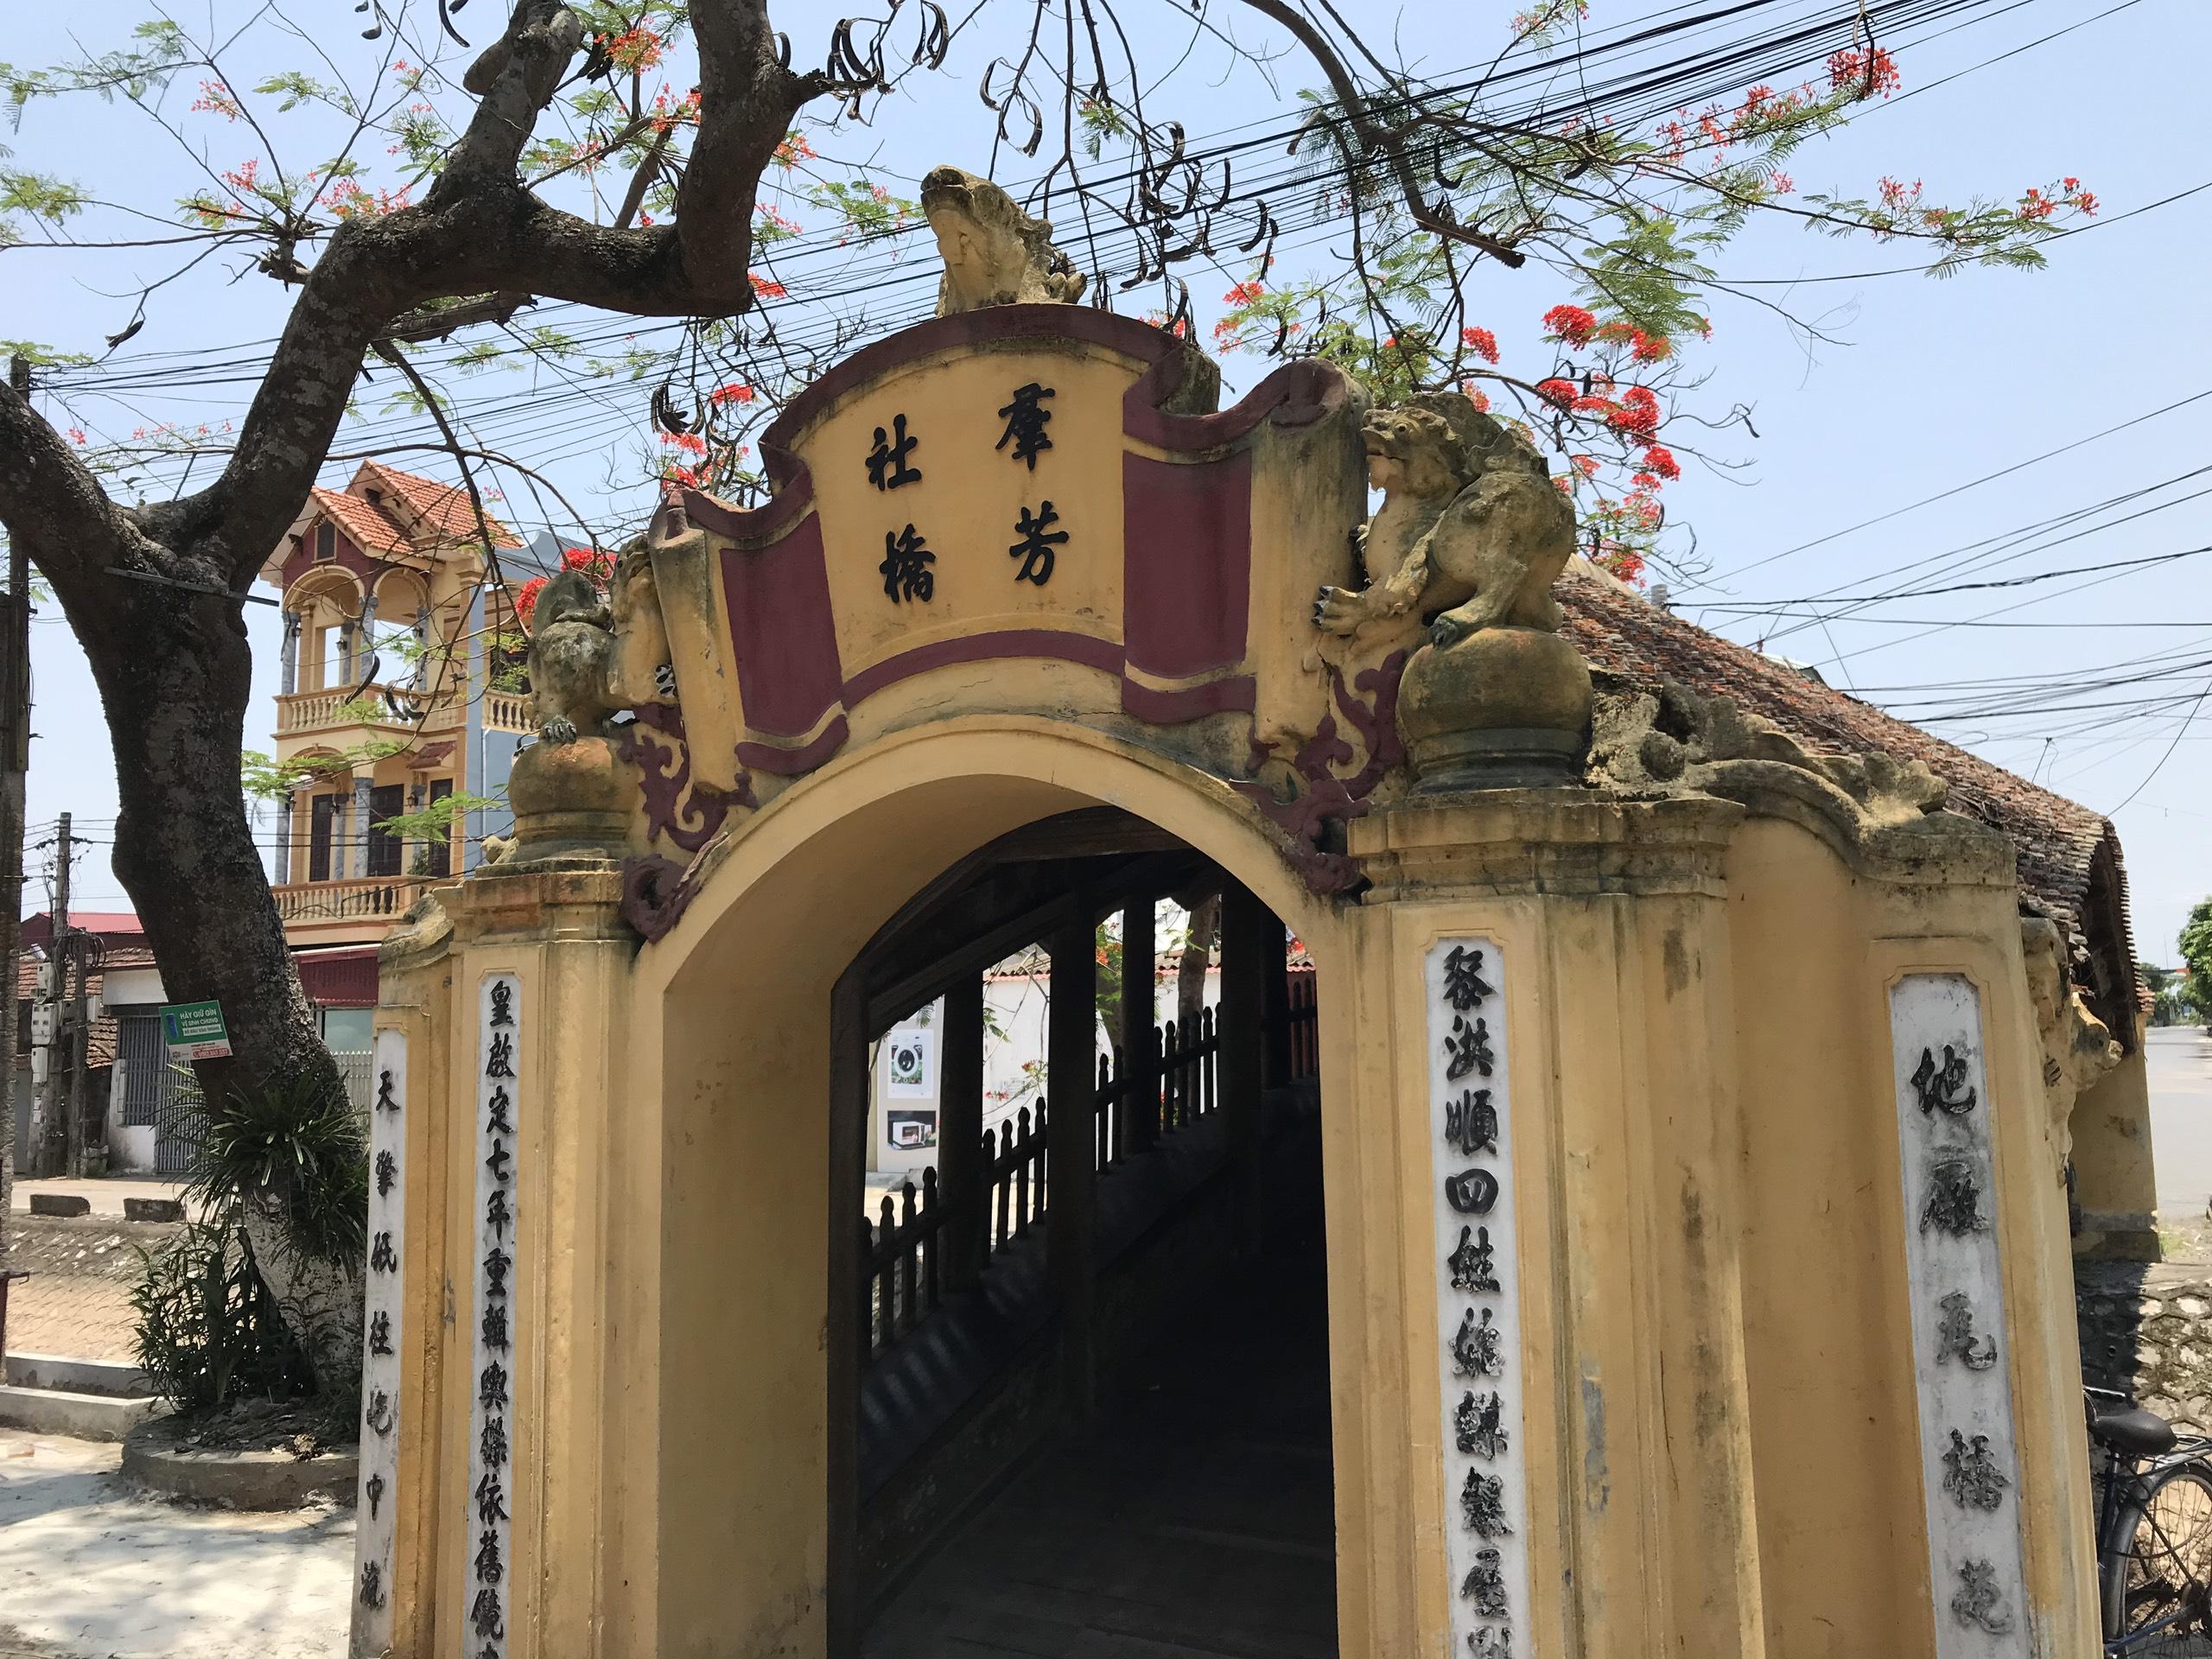 z1393026442113 e3fb1e82431aae8f752da449901875ff - Cây Cầu Ngói Cổ 500 Năm Đẹp Nhất Việt Nam